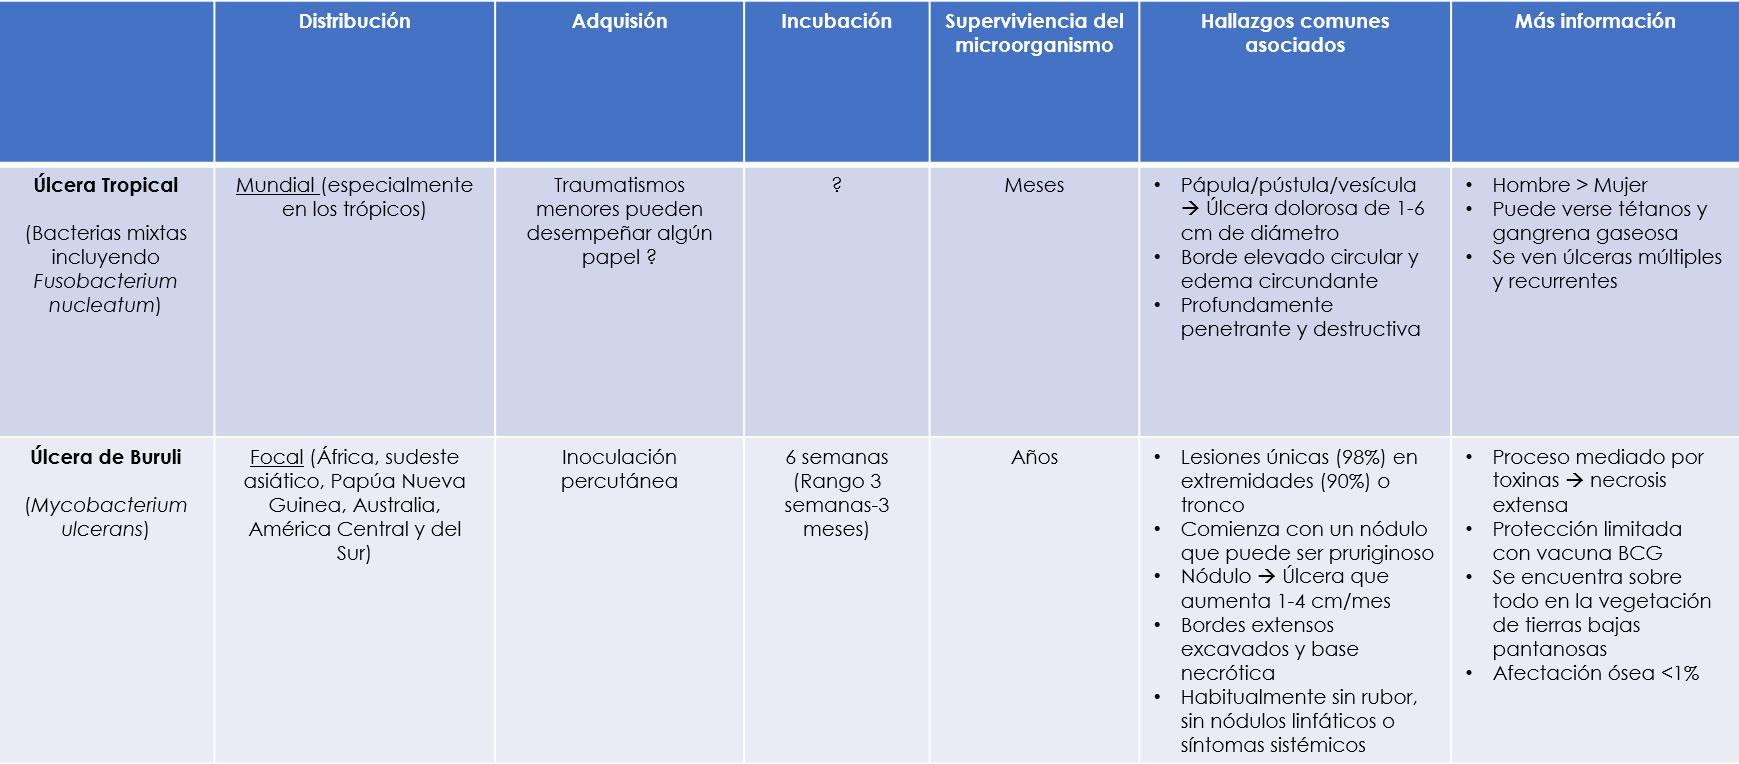 diferencias ulcera tropical y ulcera de buruli